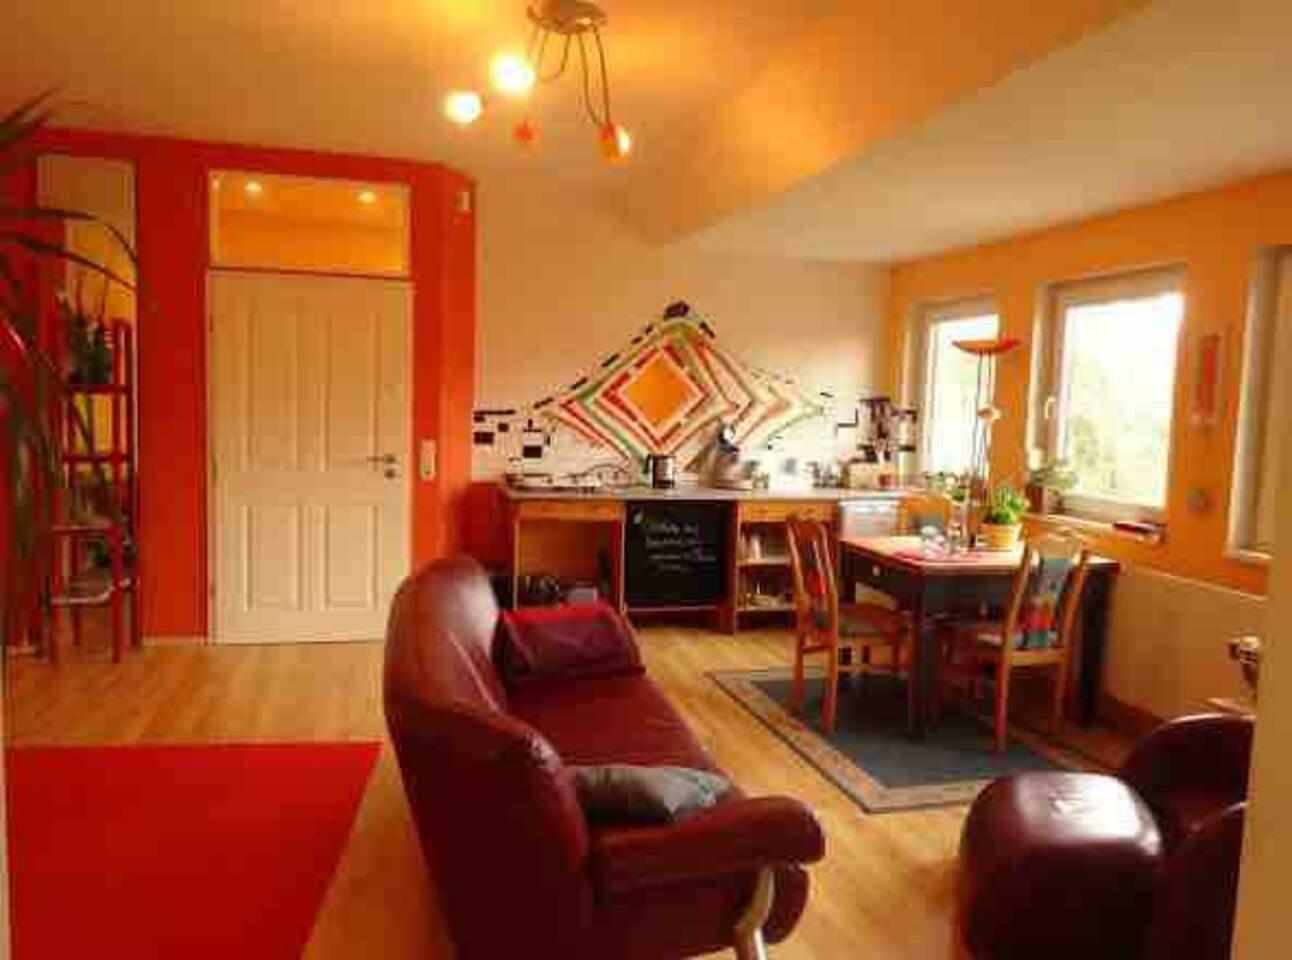 Gemütlicher Gemeinschaftsraum mit Miniküche, Esstisch, Sofa, TV. Von diesem großzügigen sehr hellem Zimmer gehen die 3 Schlafzimmer und das Bad ab.